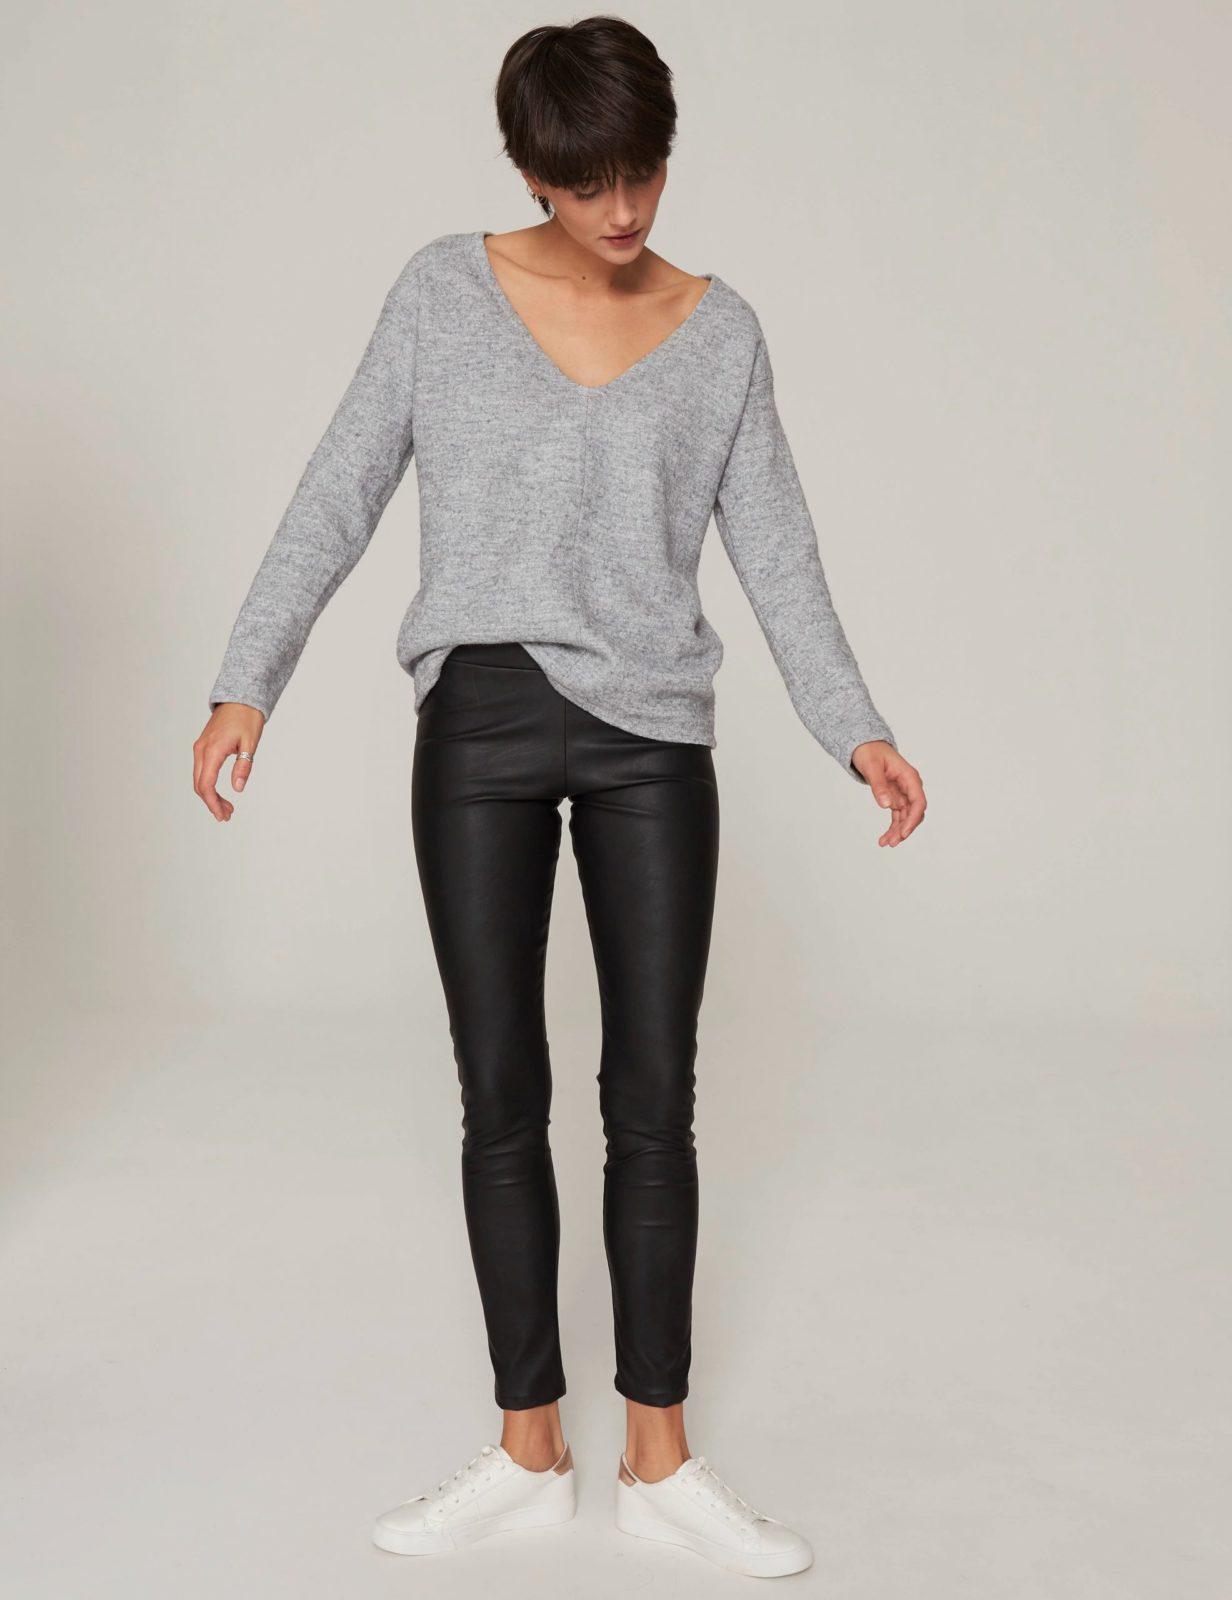 spodnie-ze-sztucznej-skory-06 (2)